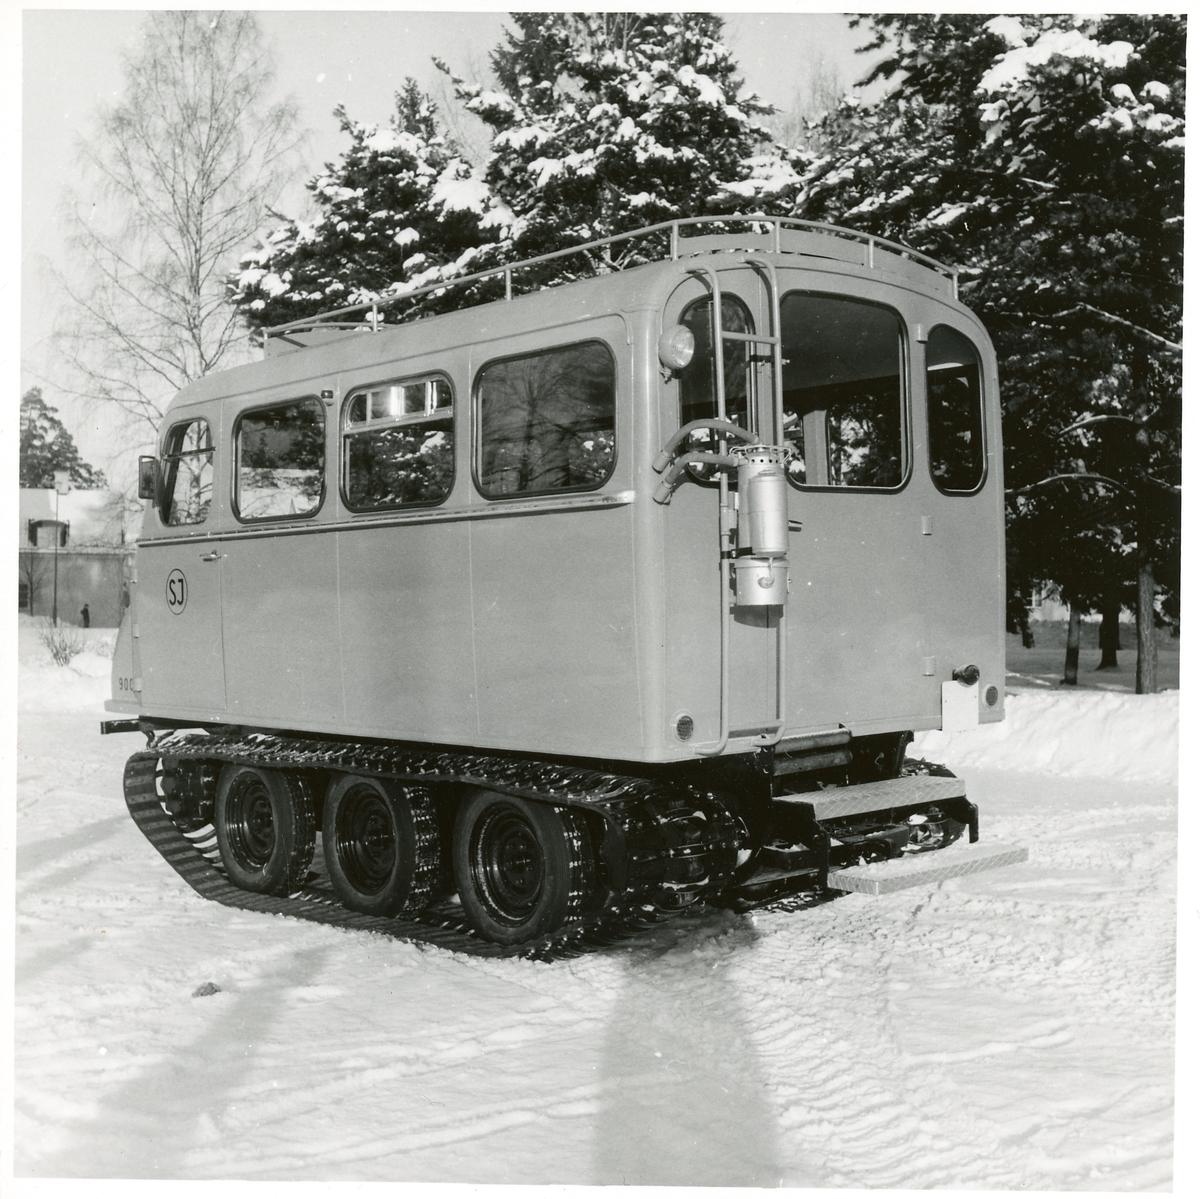 """Statens Järnvägar, SJ bandvagn 9007. Detta fordon kallades för """"snöbussen"""" och var avsett för skogs- och fjällområden."""